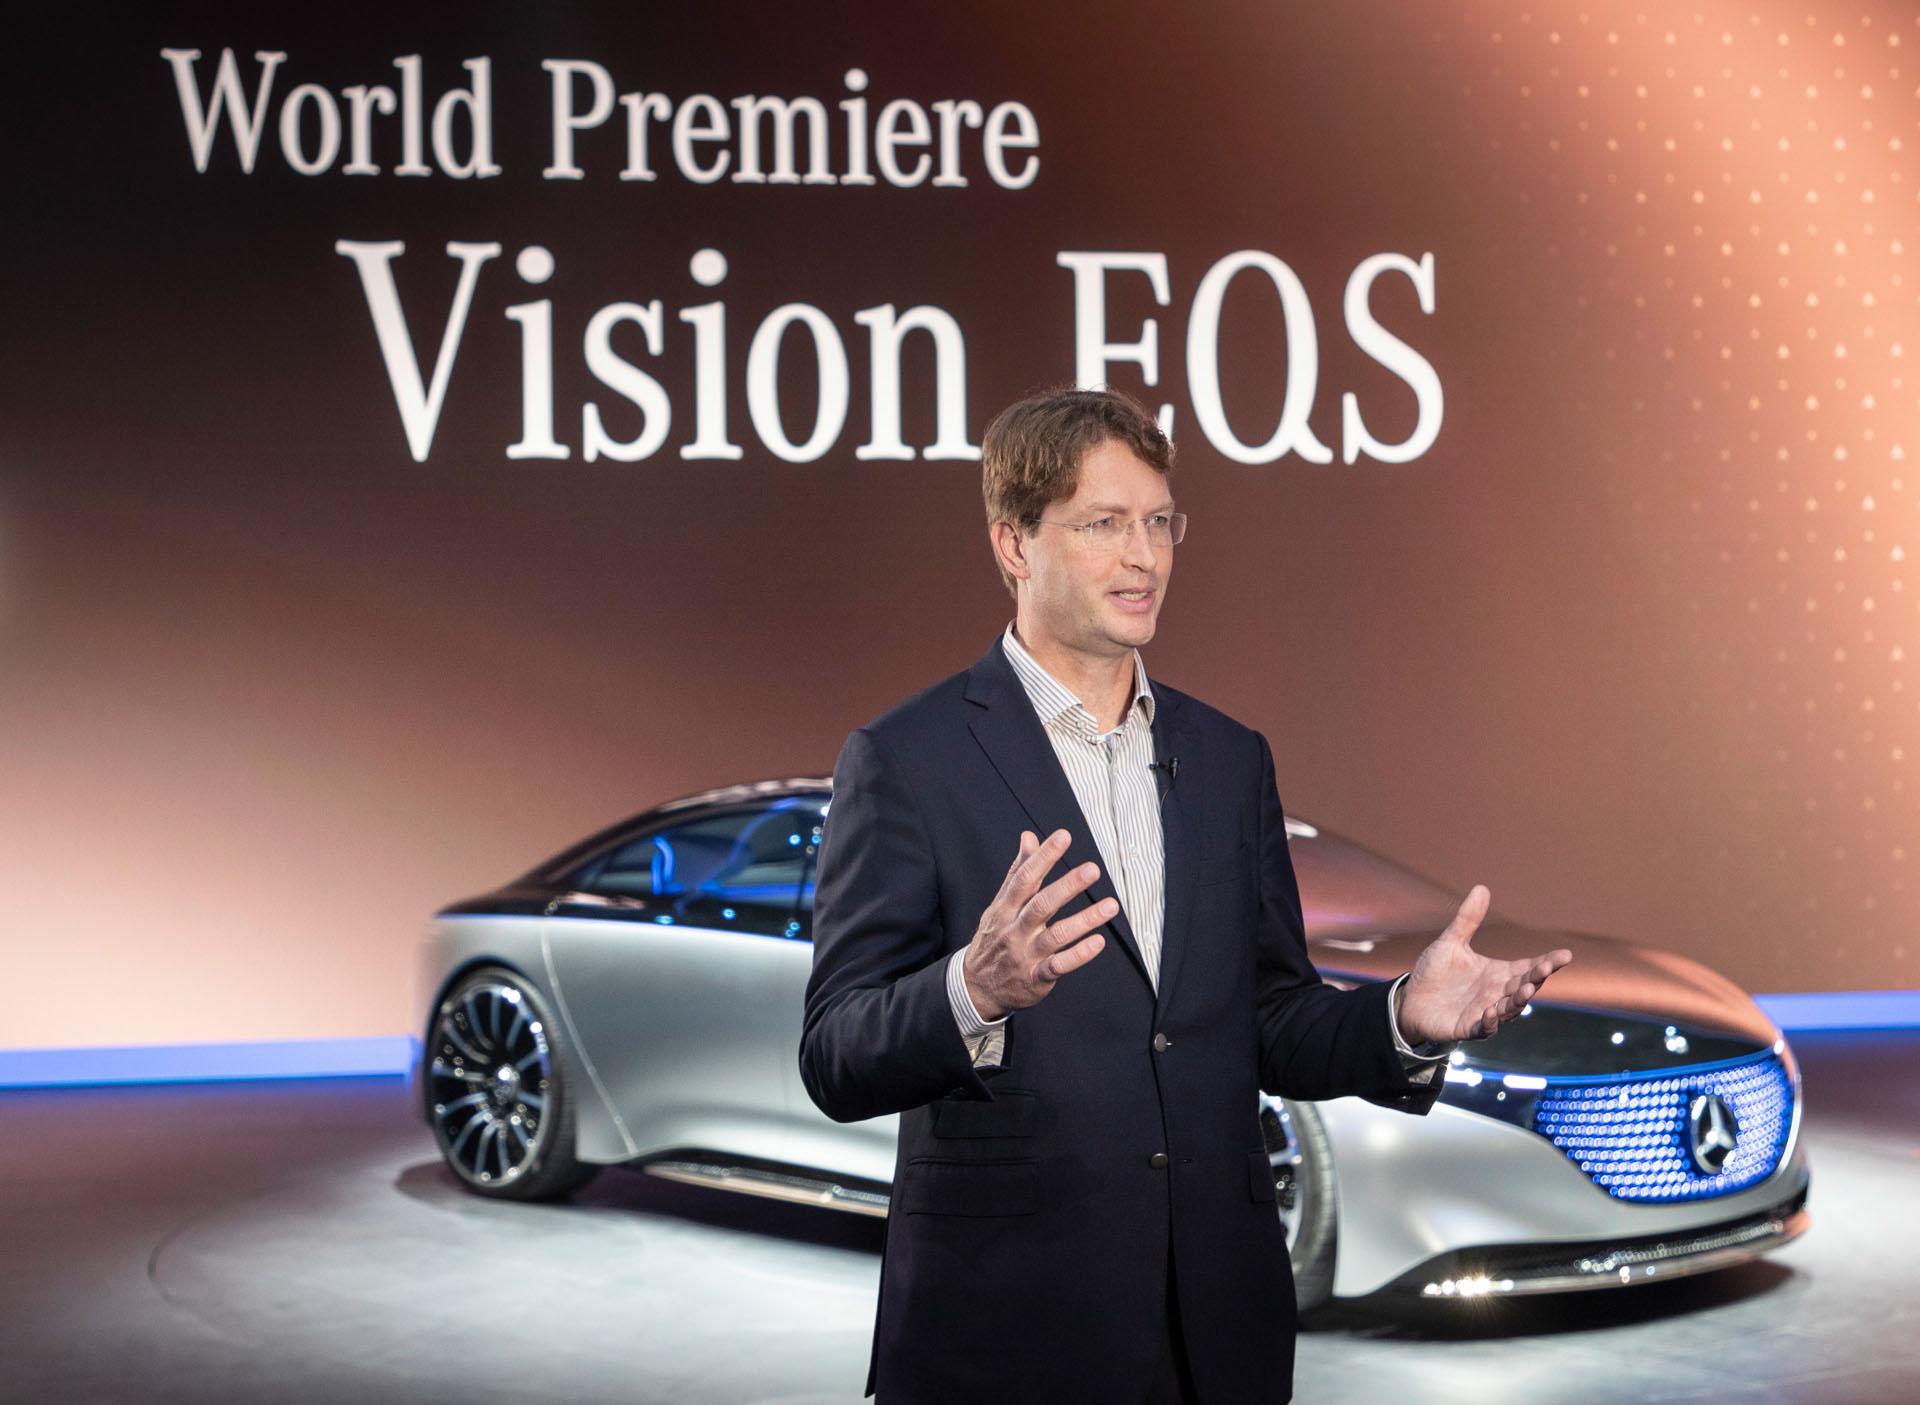 Der Mercedes-Benz VISION EQS, präsentiert von Ola Källenius, Vorsitzender des Vorstands der Daimler AG und Leiter Mercedes-Benz Cars, feierte seine Weltpremiere im Rahmen der Pressekonferenz. Das Showcar gibt einen Ausblick in die Zukunft von Mercedes-Benz. Die elektrische Luxuslimousine unterstreicht, dass Nachhaltigkeit ein zentrales Thema ist. Denn mit dem Technologieträger VISION EQS zeigt Mercedes-Benz ein Showcar auf Basis einer völlig neuen, vollvariablen elektrischen Antriebsplattform, die in vieler Hinsicht skalierbar und modellübergreifend einsetzbar ist.